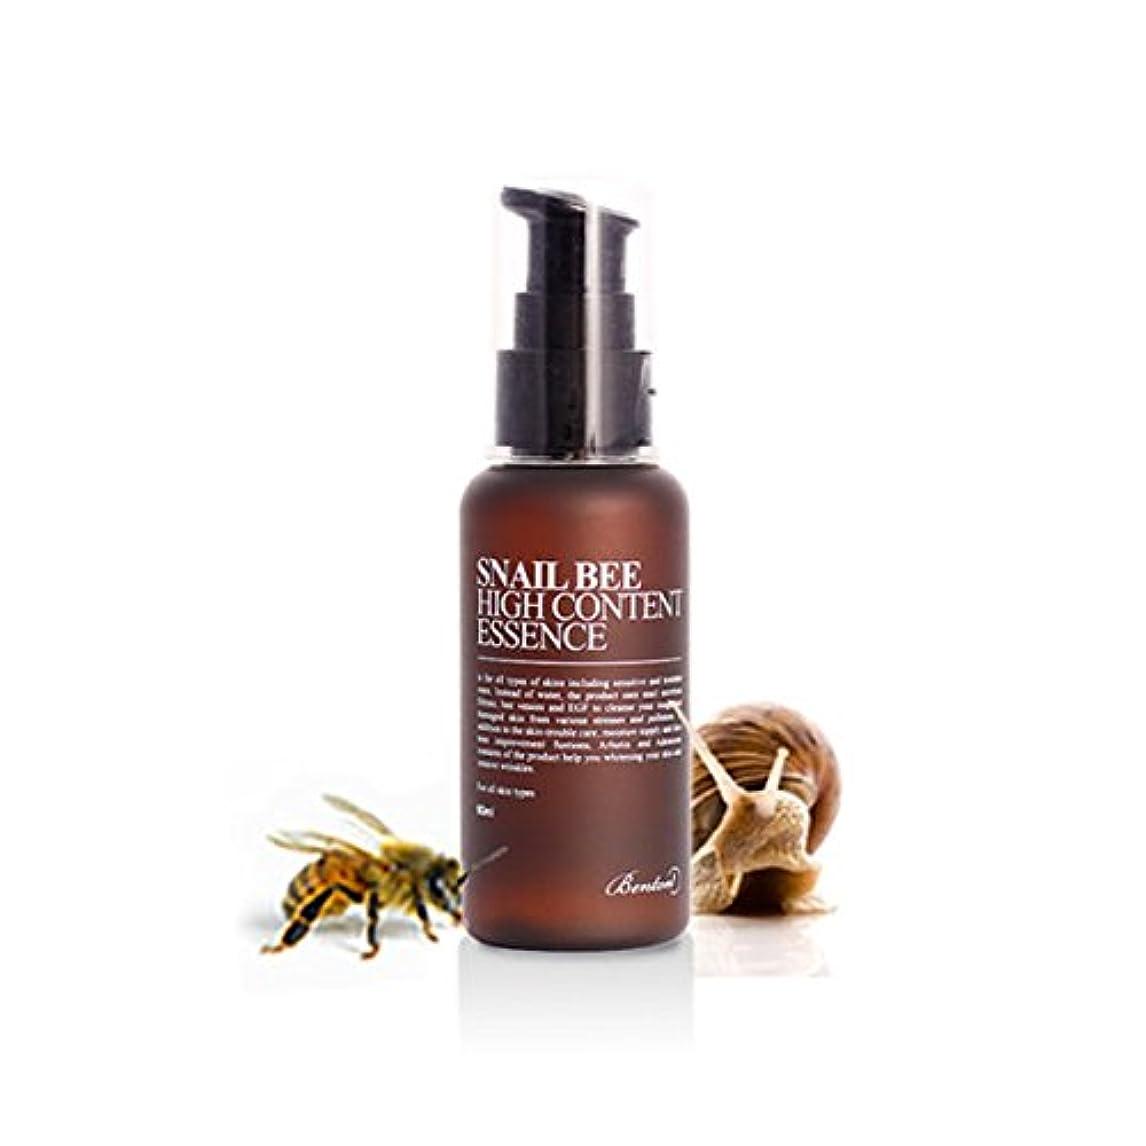 背骨アカウント光電[ベントン] Benton カタツムリ蜂ハイコンテンツエッセンス Snail Bee High Content Essence 60ml [並行輸入品]